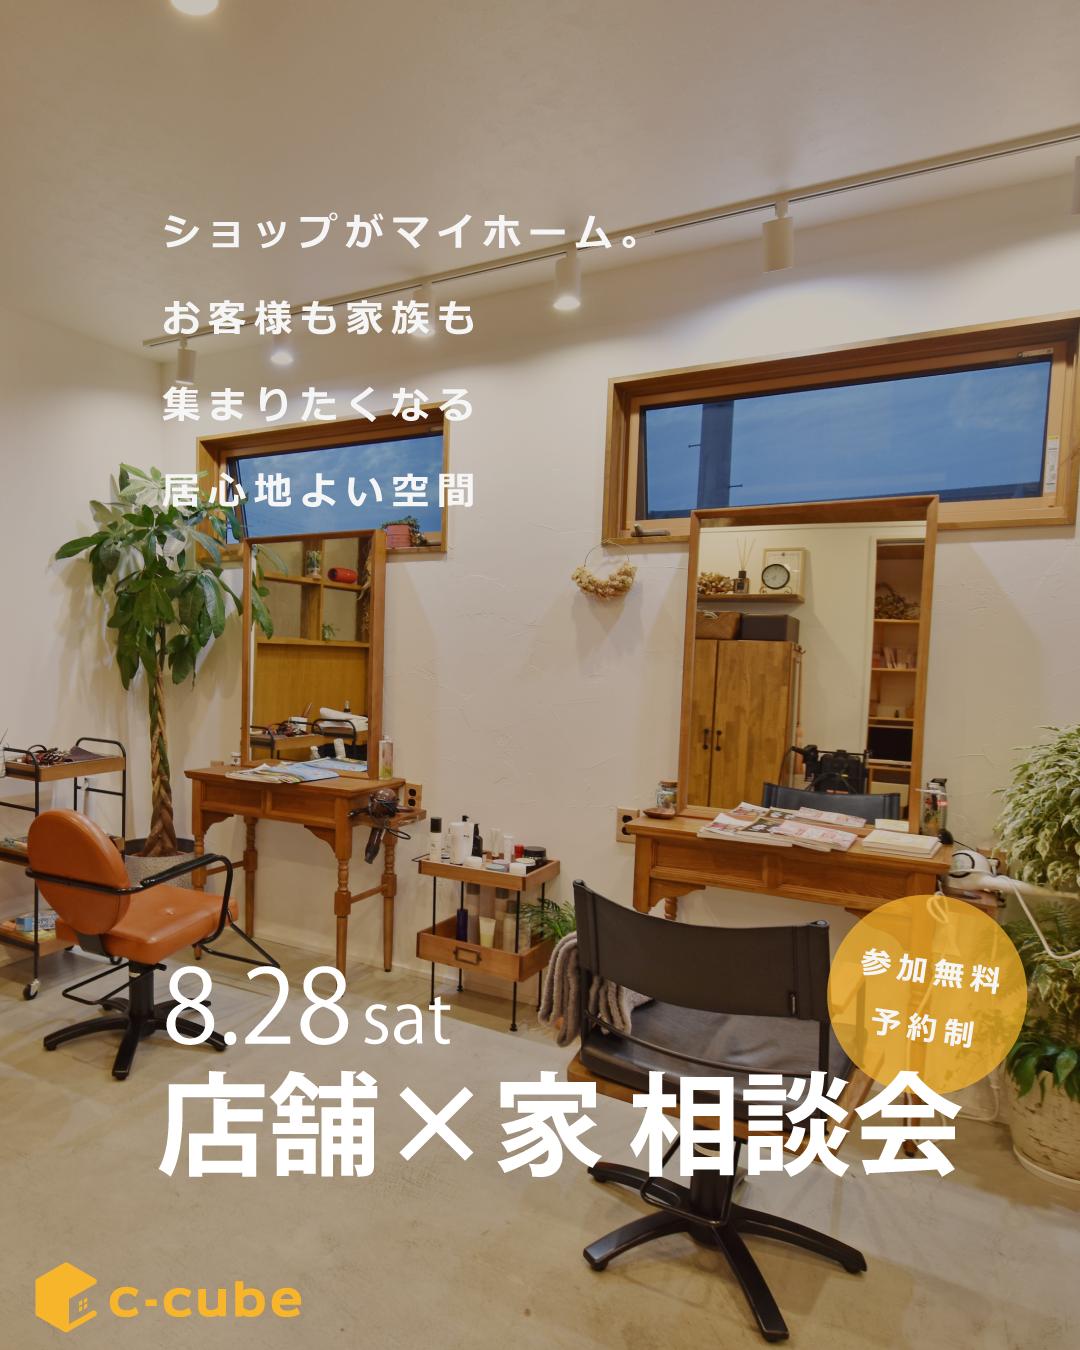 【8月28日(土)】店舗併用住宅相談会